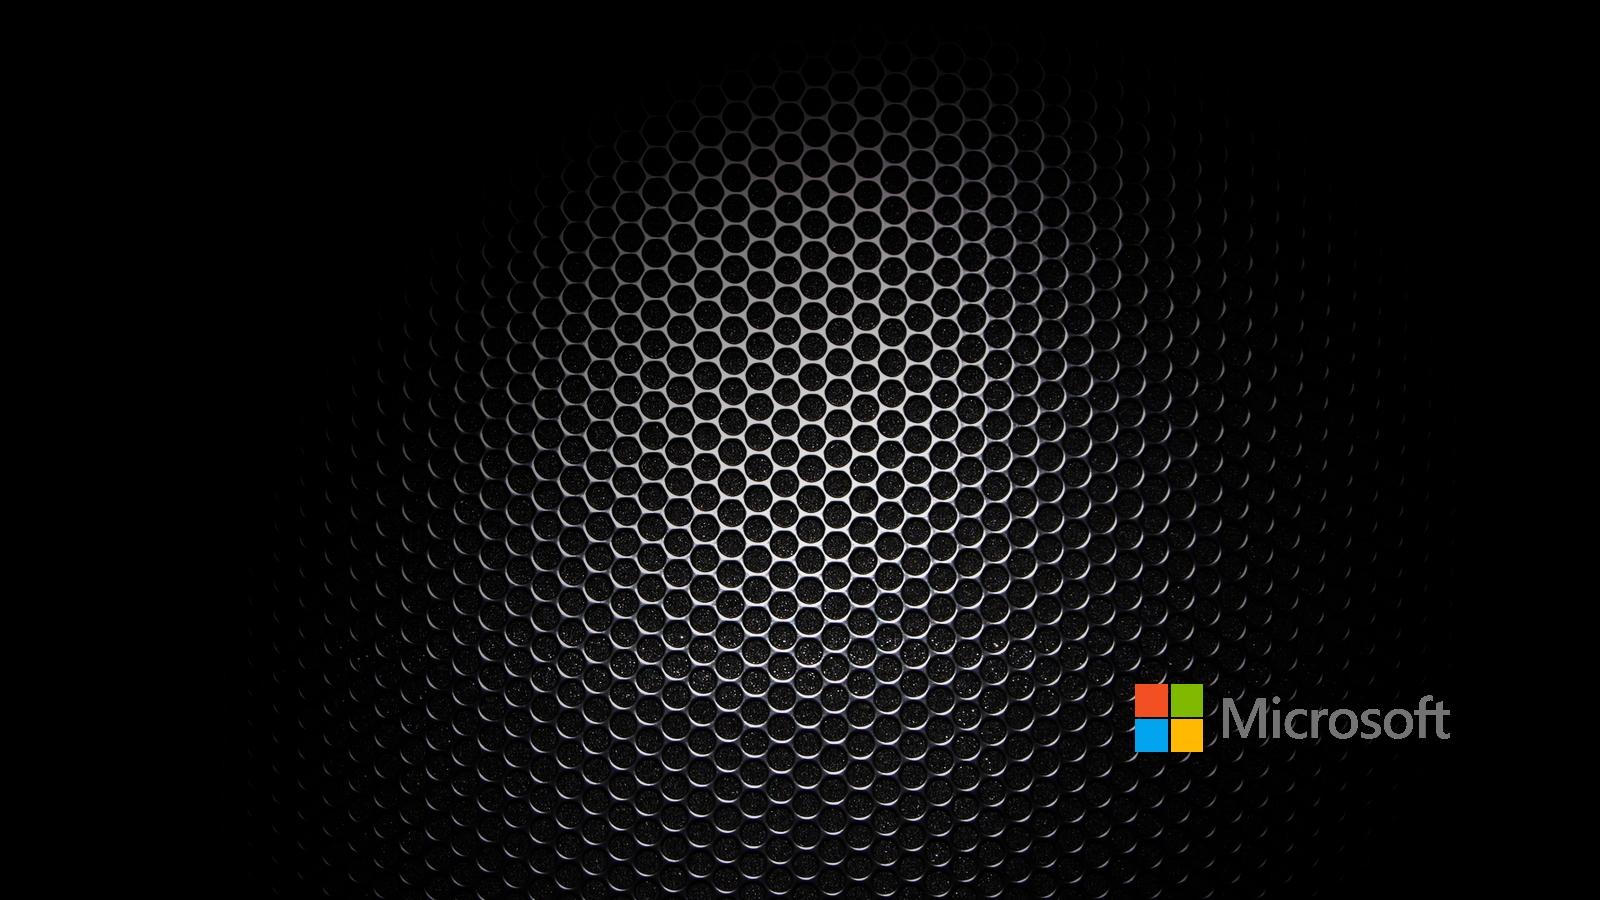 http://2.bp.blogspot.com/-zsyuLdeivjw/UR012yUiOwI/AAAAAAAAVRc/H5qCfhnLQ4w/s1600/Microsoft_Logo_2013_Grid_Wallpaper.jpg